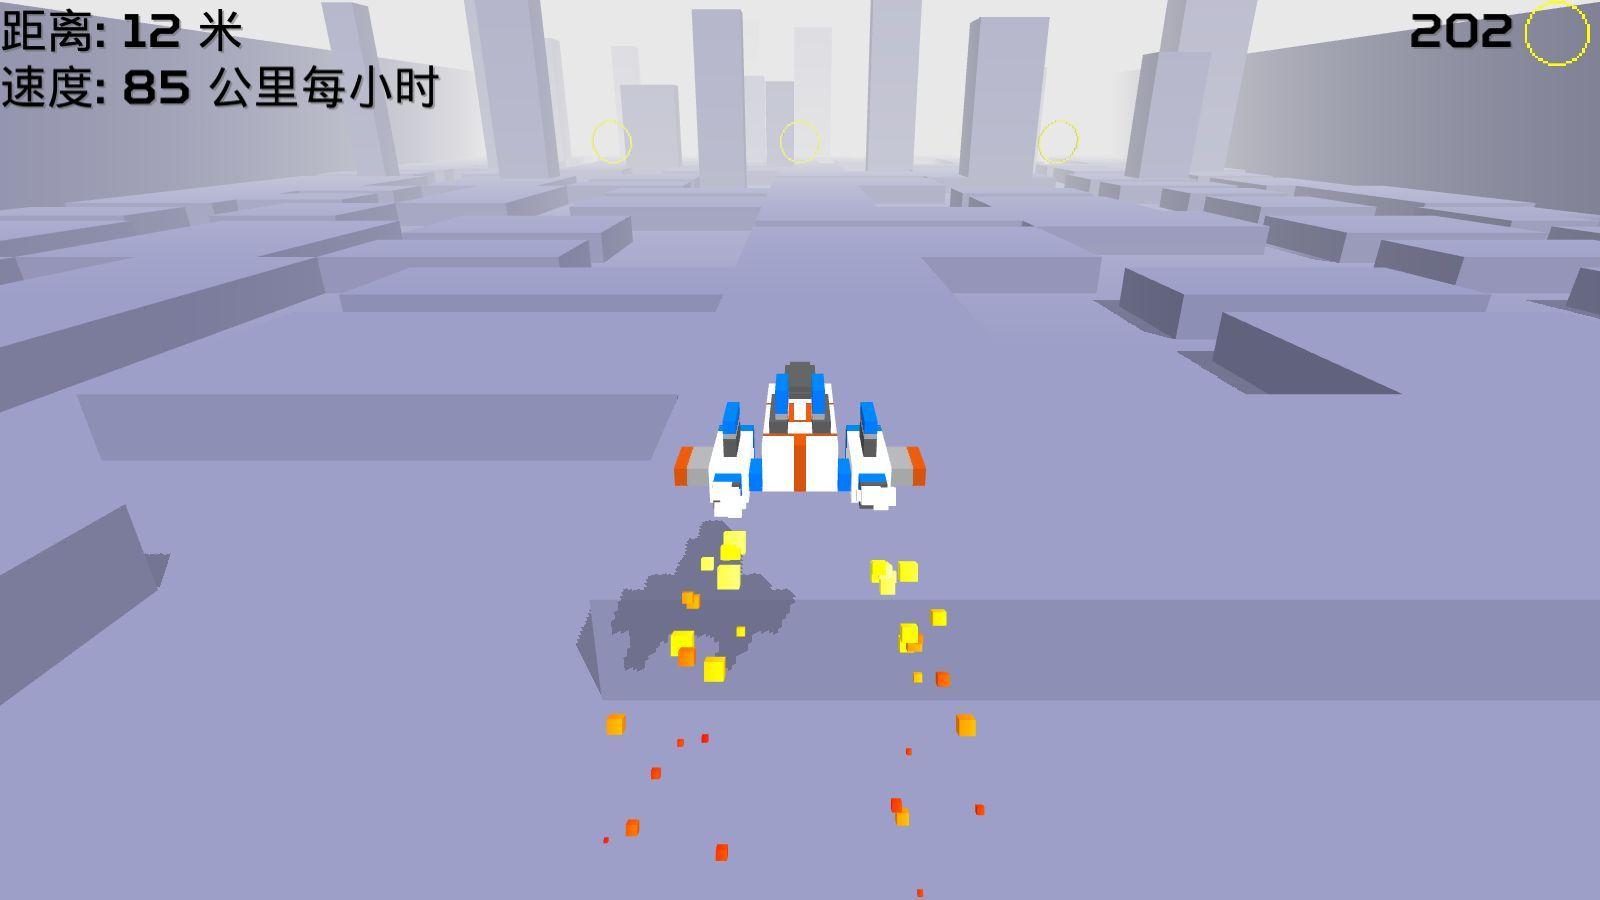 急速潜行手机游戏官网版下载图片1